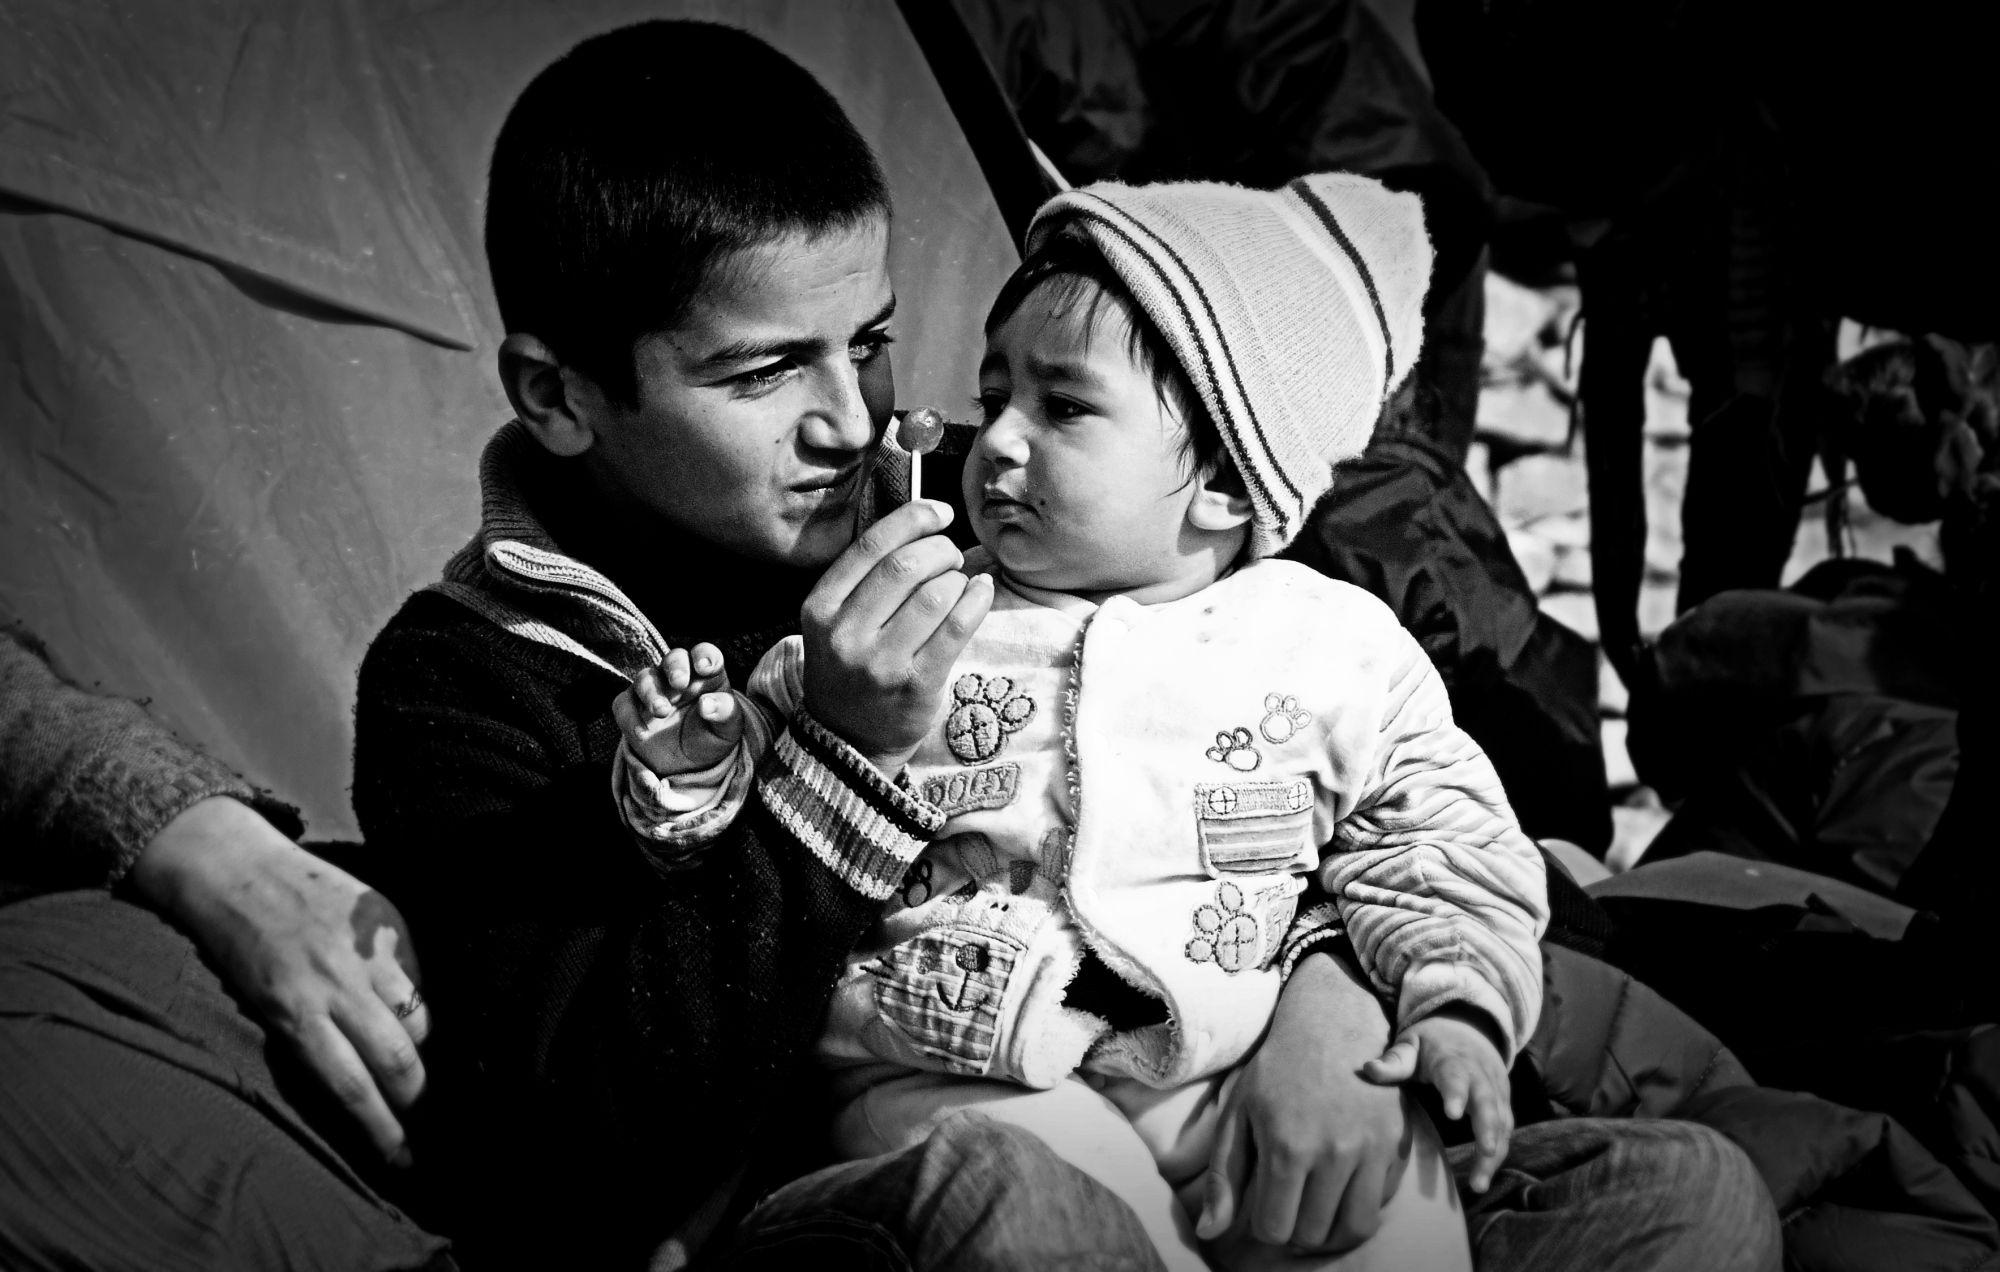 Dzieci w obozie Moria na Lesbos (fot. Archiwum prywatne Aleksandry K. Wiśniewskiej)